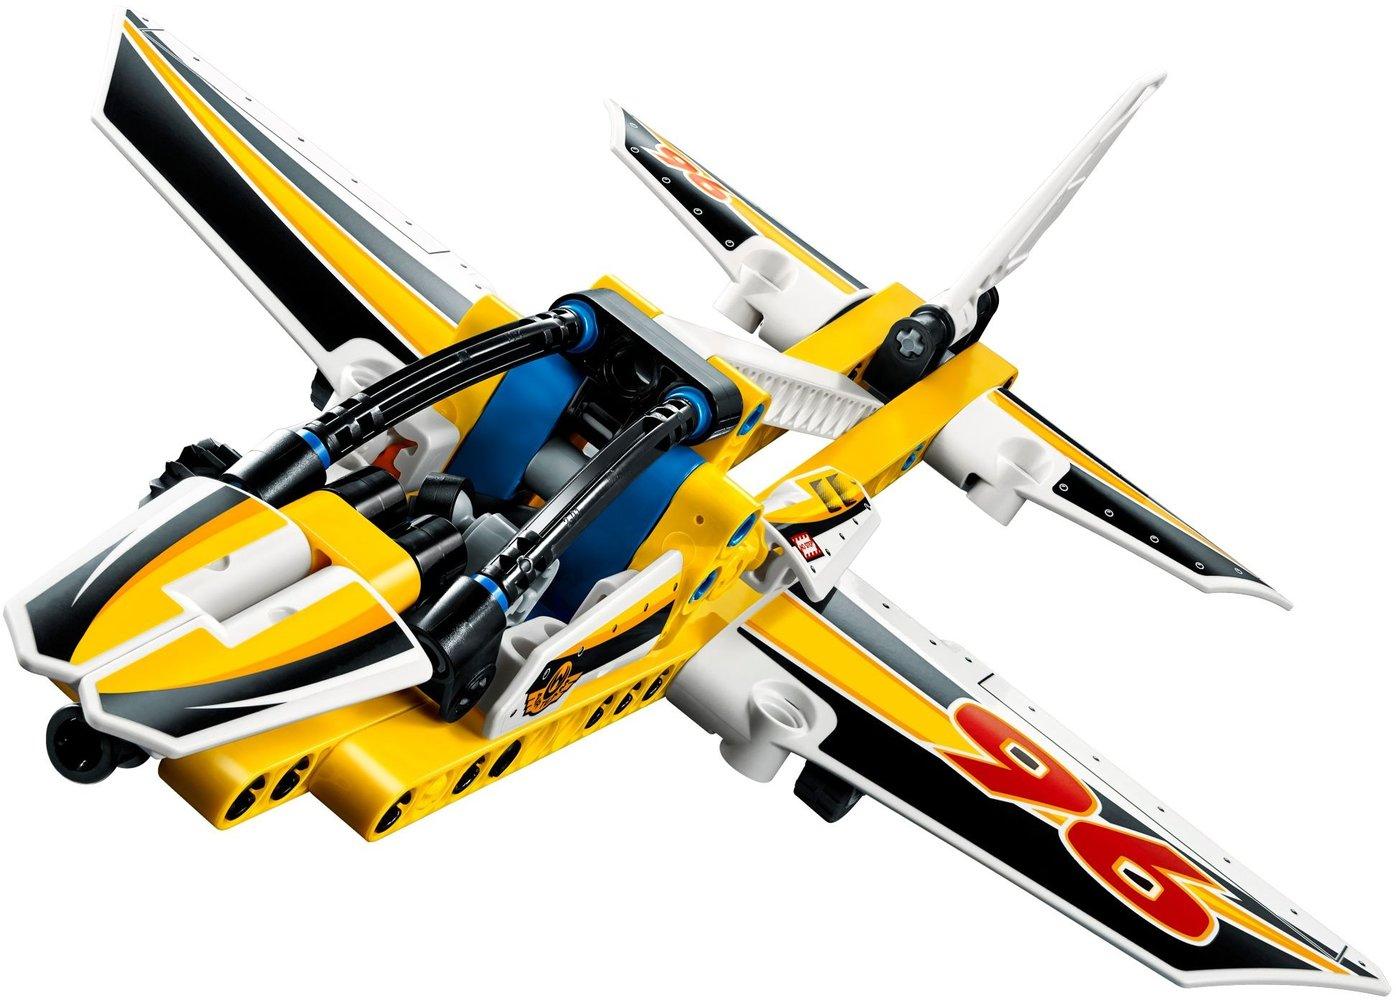 Lego Technic 42044 Pas Cher, L'Avion De Chasse Acrobatique intérieur Lego Avion De Ligne